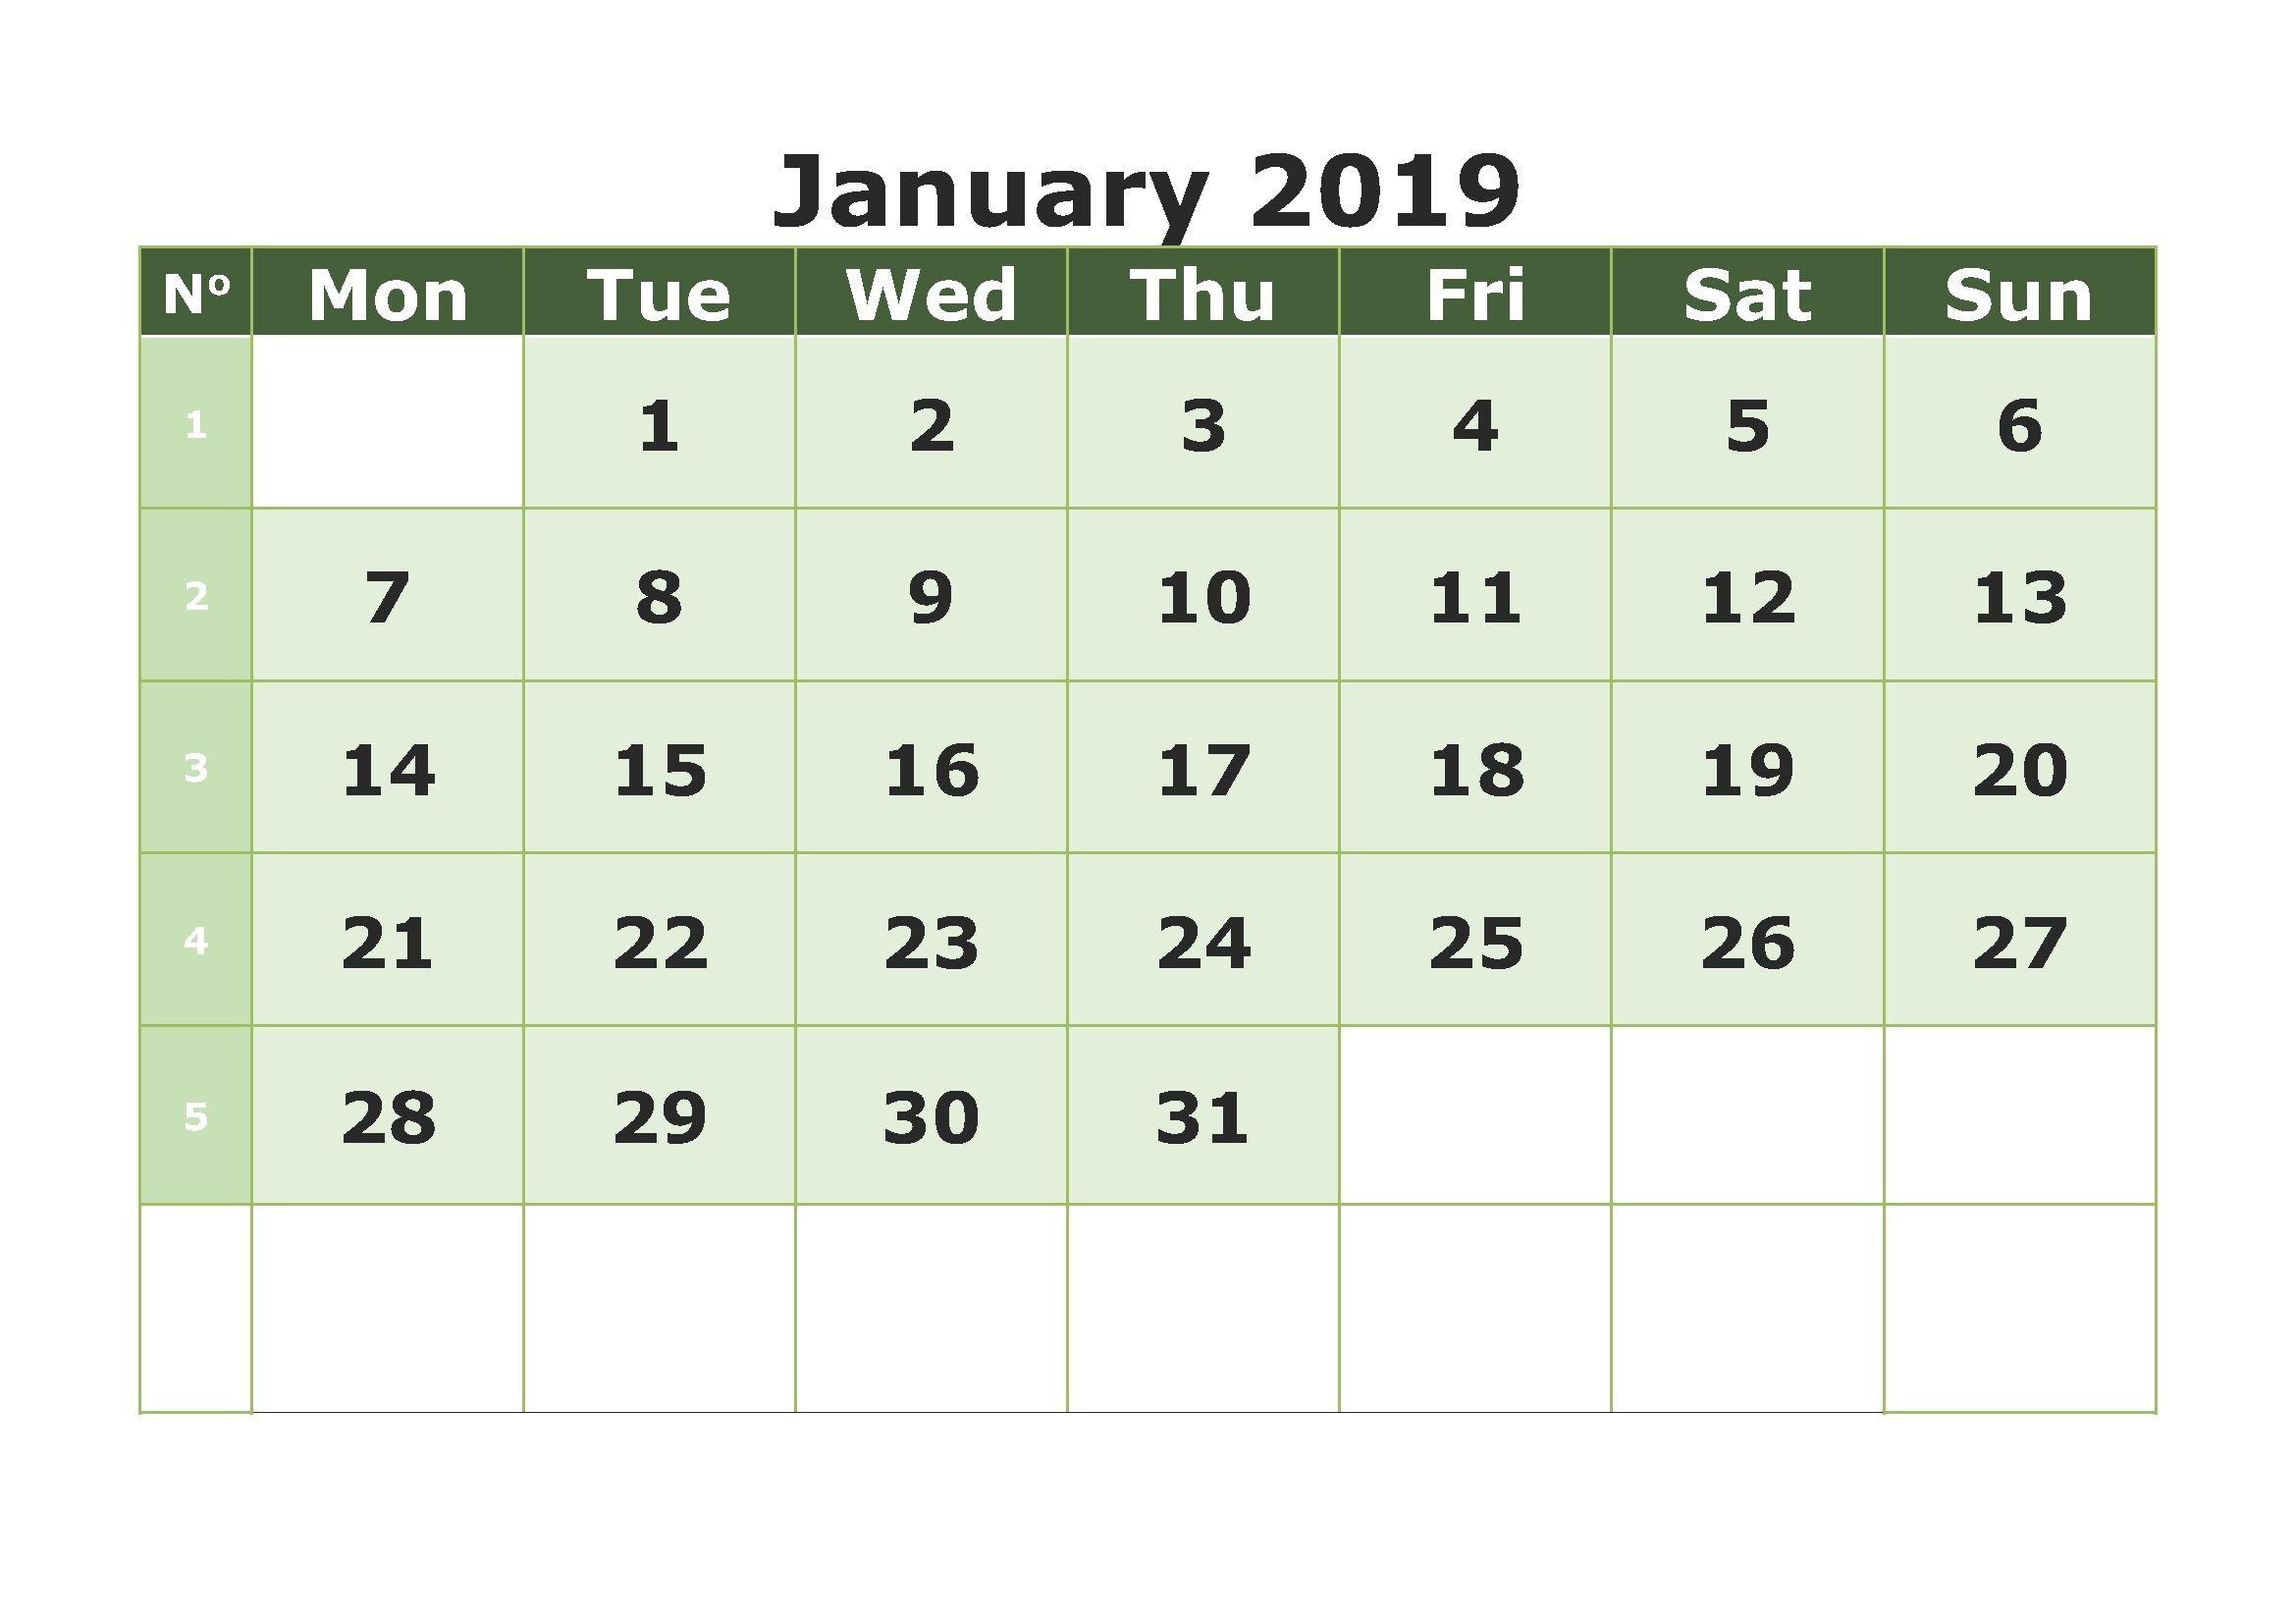 Calendario Para Imprimir Word 2019 Más Recientemente Liberado Free Printable January 2019 Calendar Pdf Excel Wordjanuary Of Calendario Para Imprimir Word 2019 Más Populares Image Result for Free Printable 2018 2019 Calendar